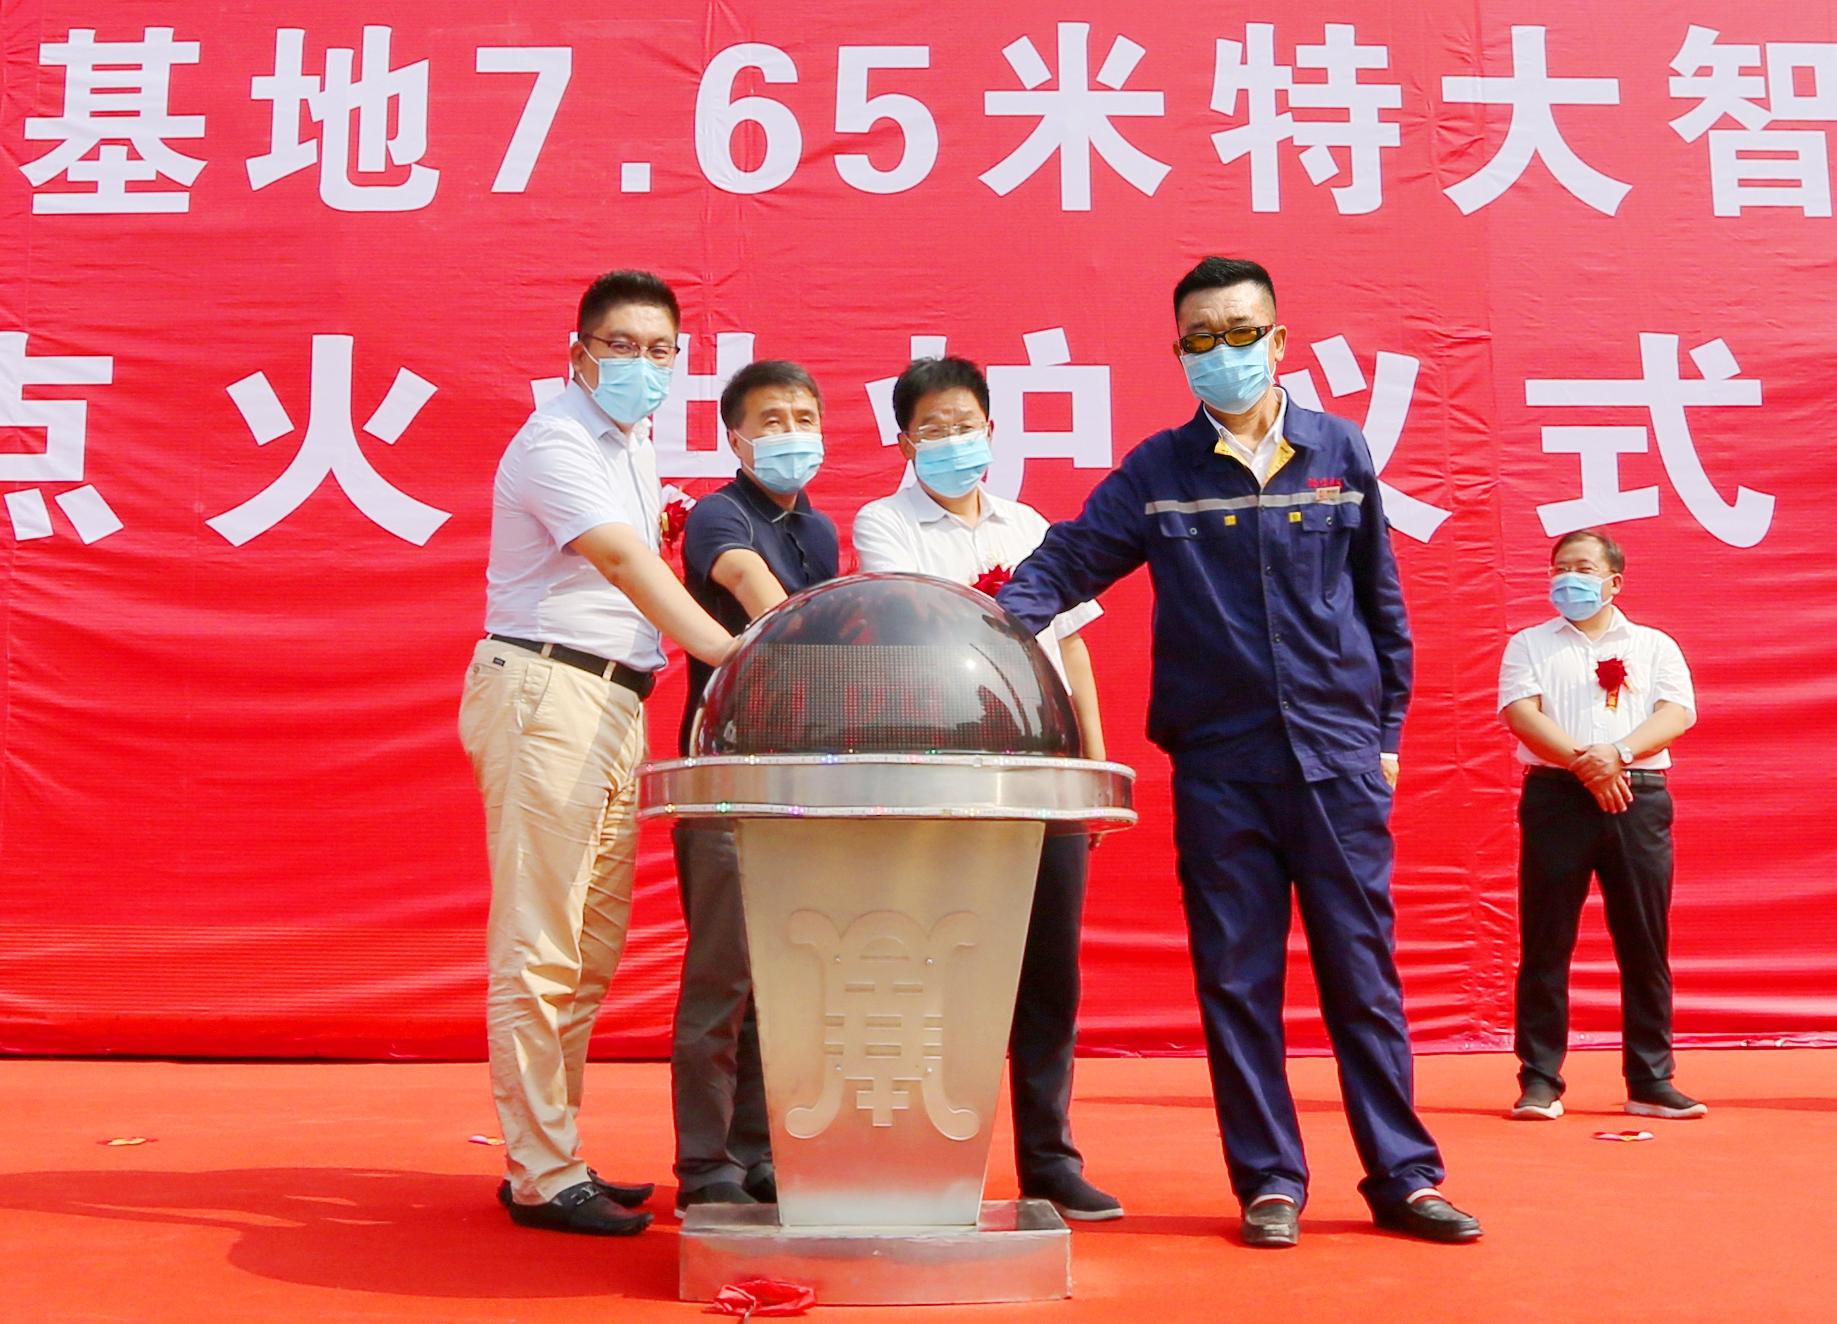 上海戊伦科技祝贺:世界领先的潞宝7.65米绿色智能焦炉点火烘炉